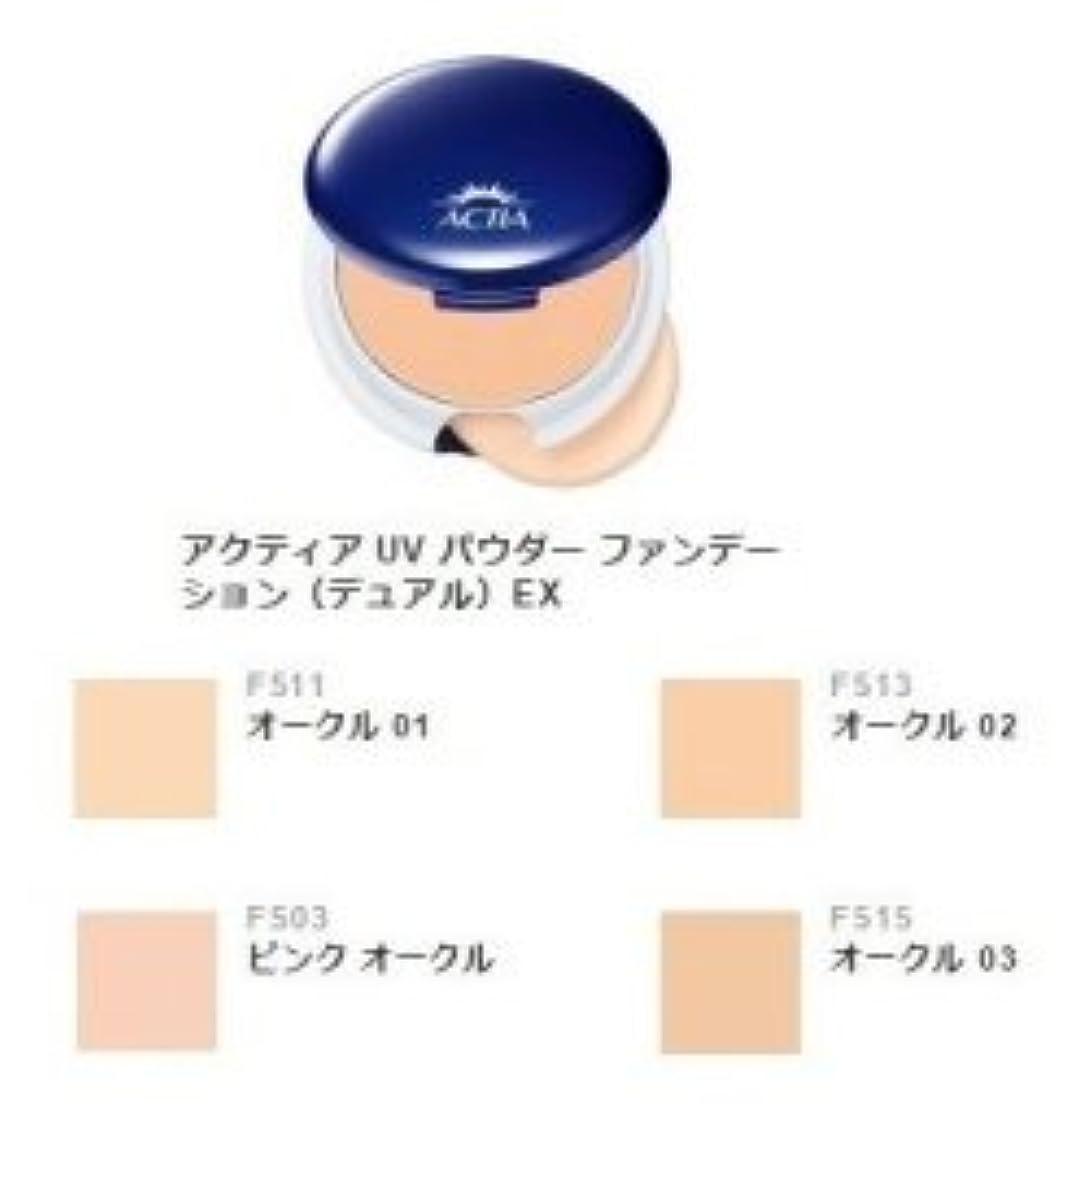 魔女普遍的なエイボン(AVON) アクティア UV パウダーファンデーション(デュアル)EX(リフィル) F511 オークル01